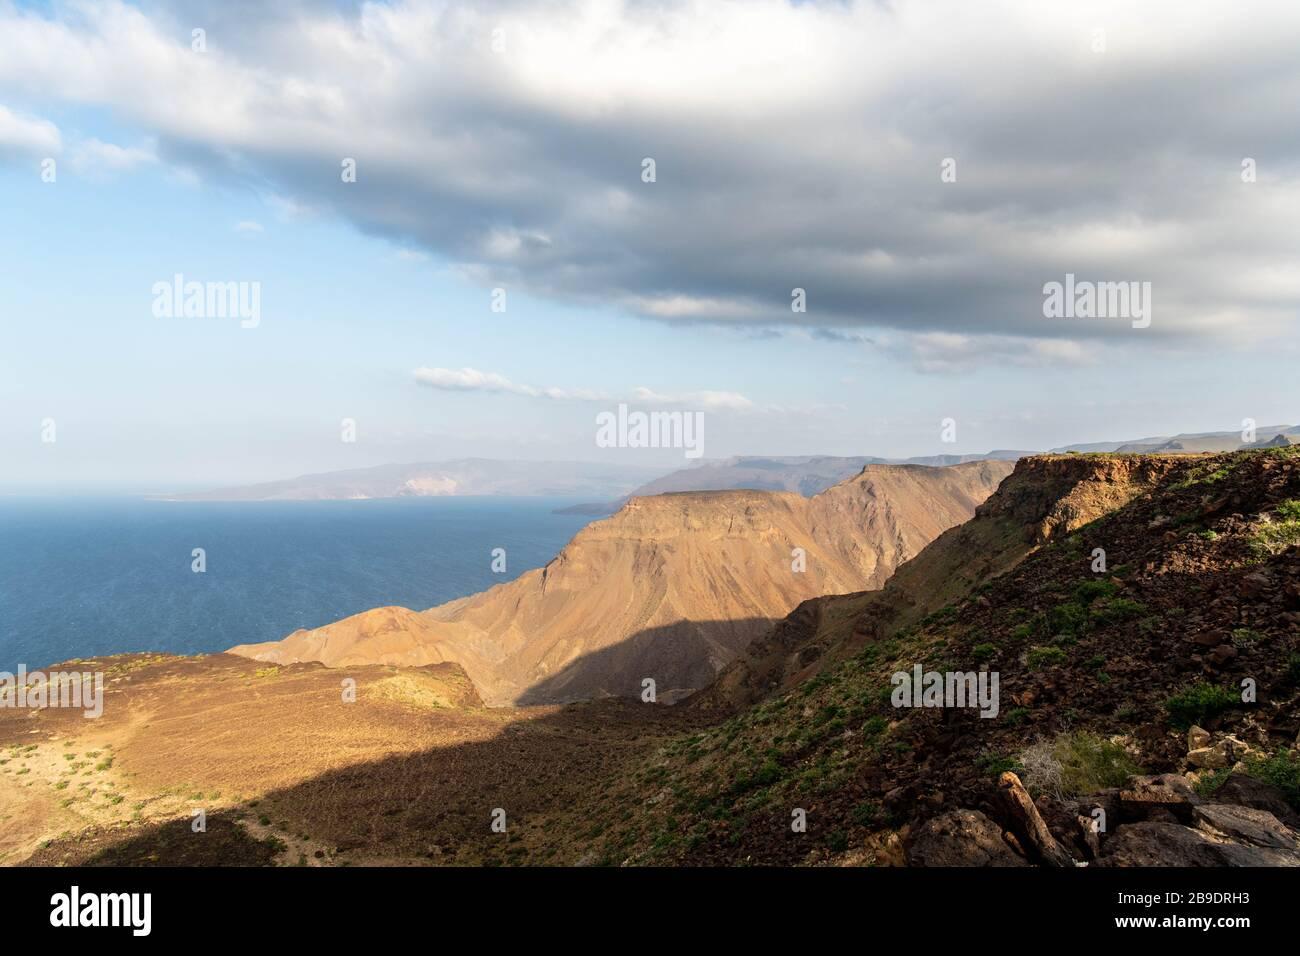 Africa, Djibouti. Seascape in Djibouti Stock Photo